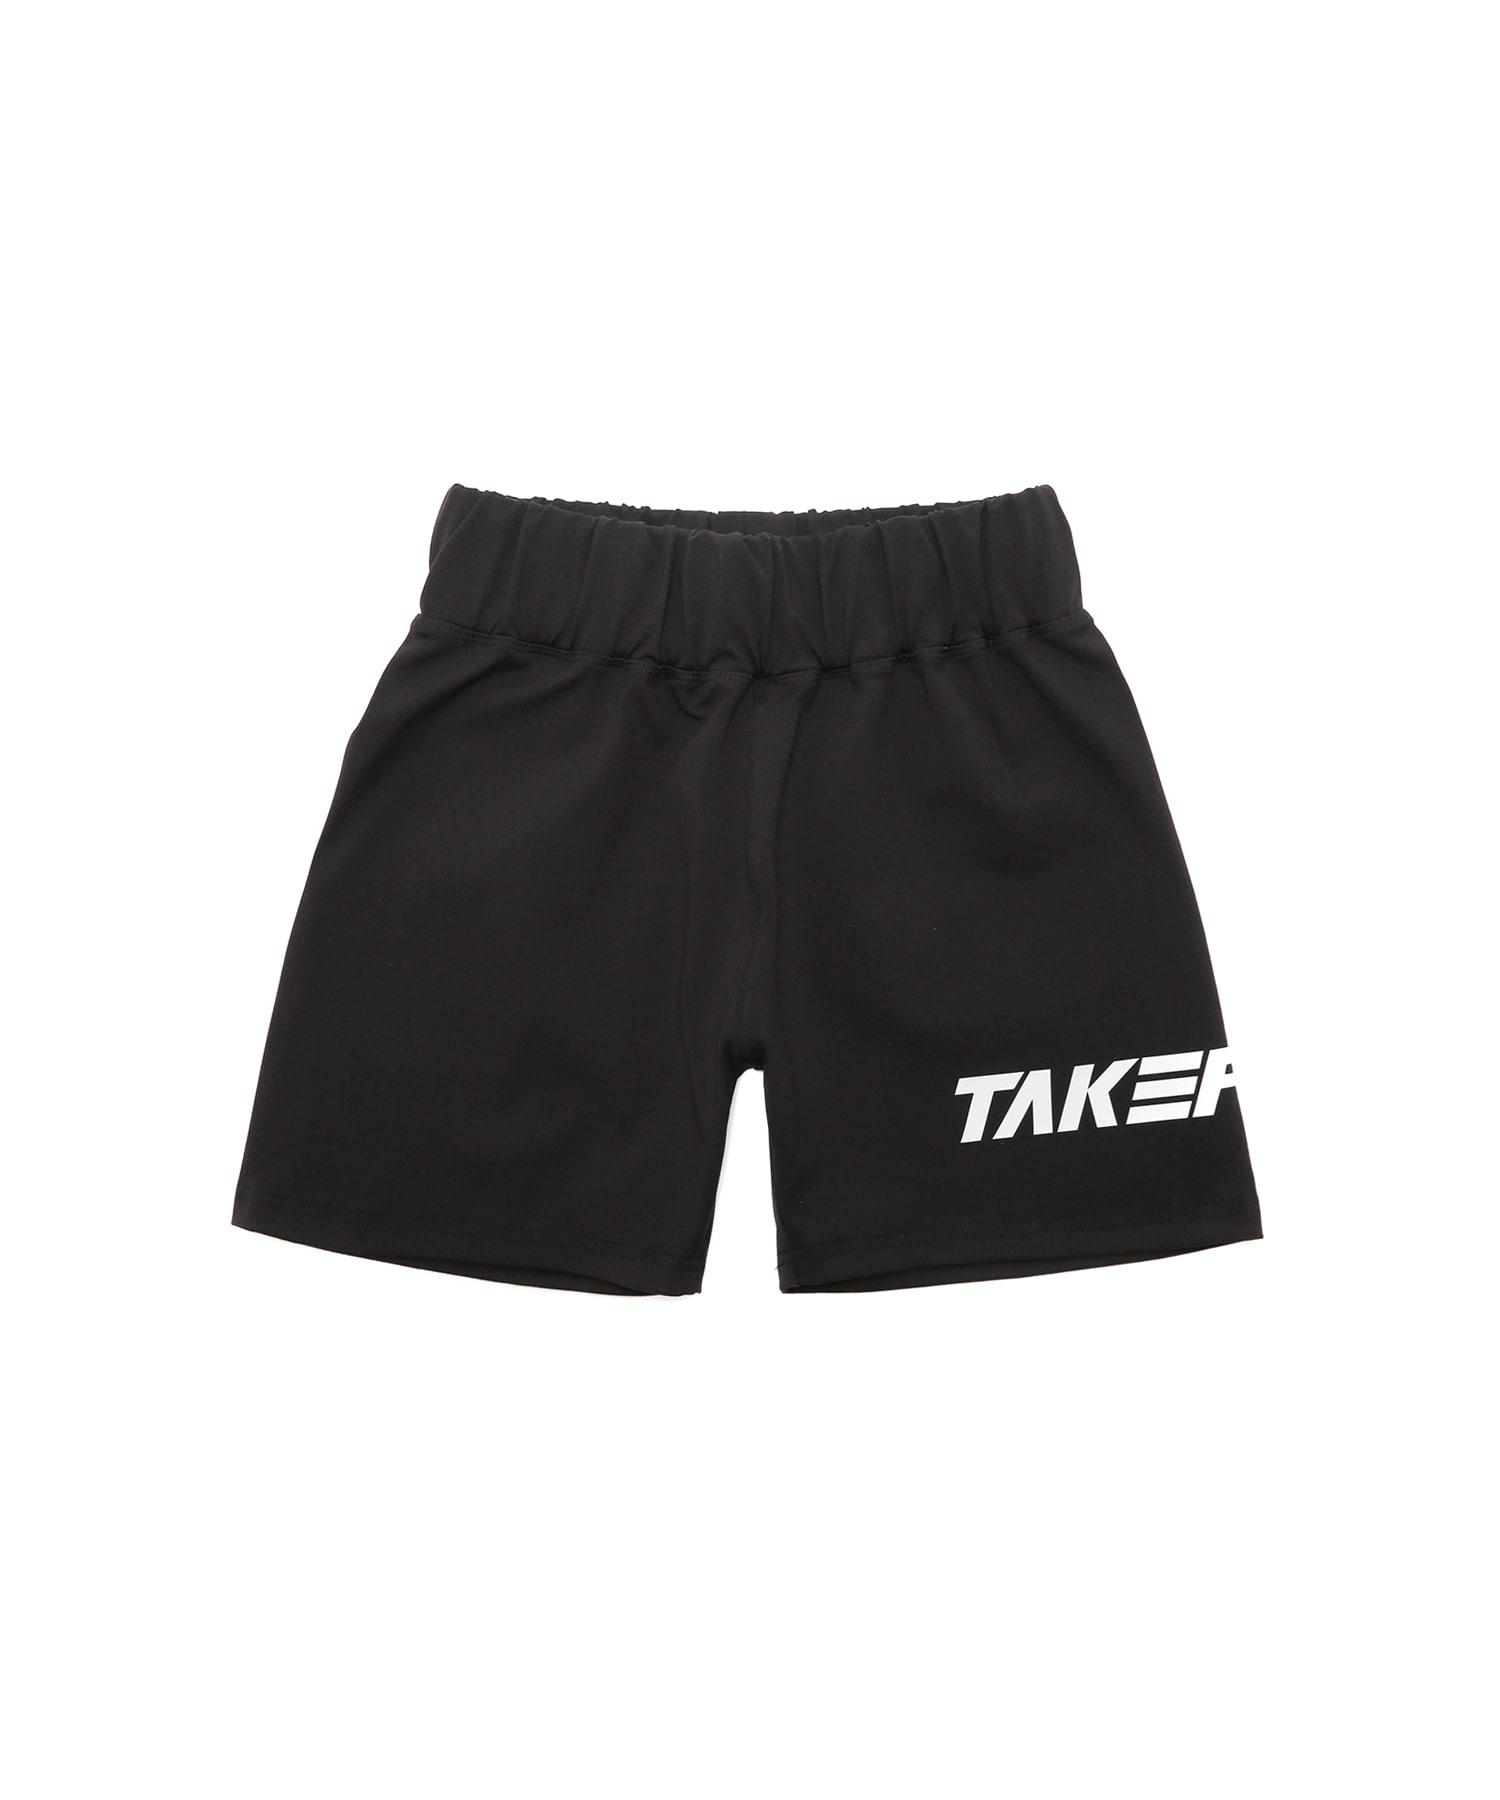 [테이크폼] 스쿼트 팬츠 블랙 (남성용)